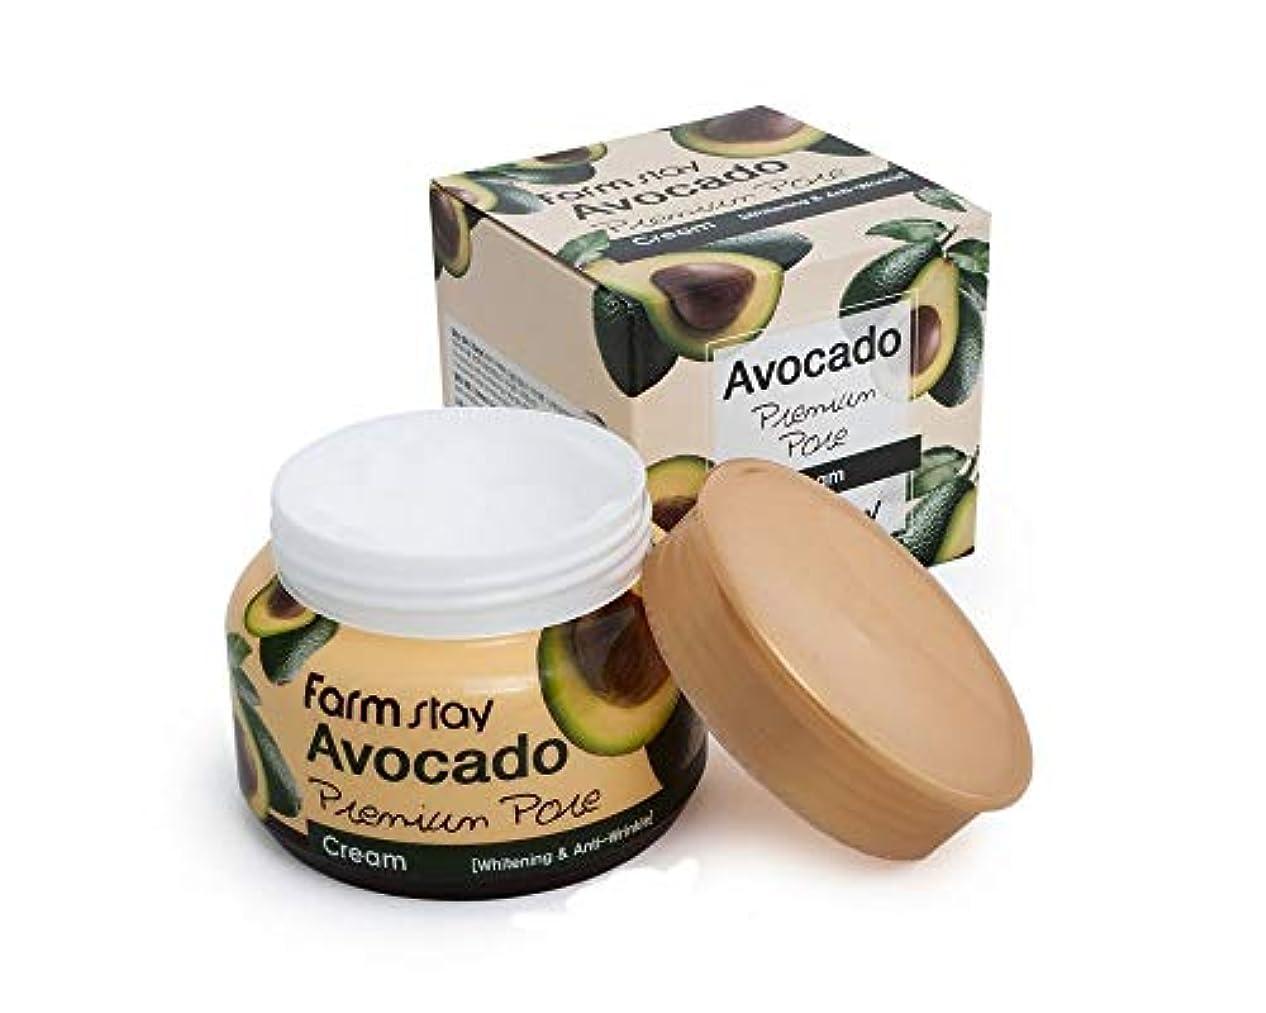 トリム十分哲学博士ファームステイ[Farm Stay] アボカドプレミアムポアクリーム 100g / Avocado Premium Pore Cream